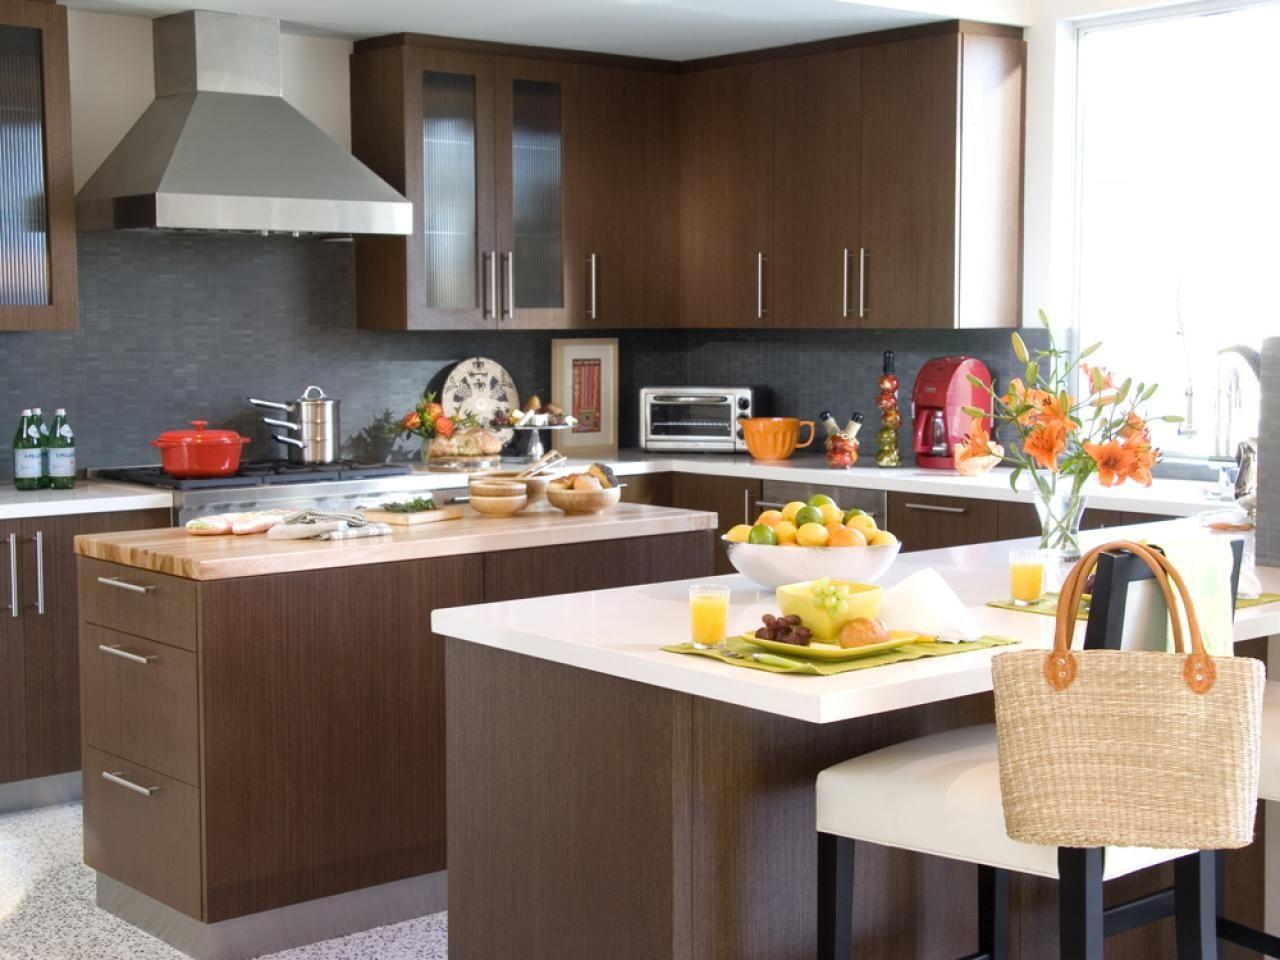 Farbe Farben Für Küchen | Küche | Pinterest | Farbe für küche, Die ...